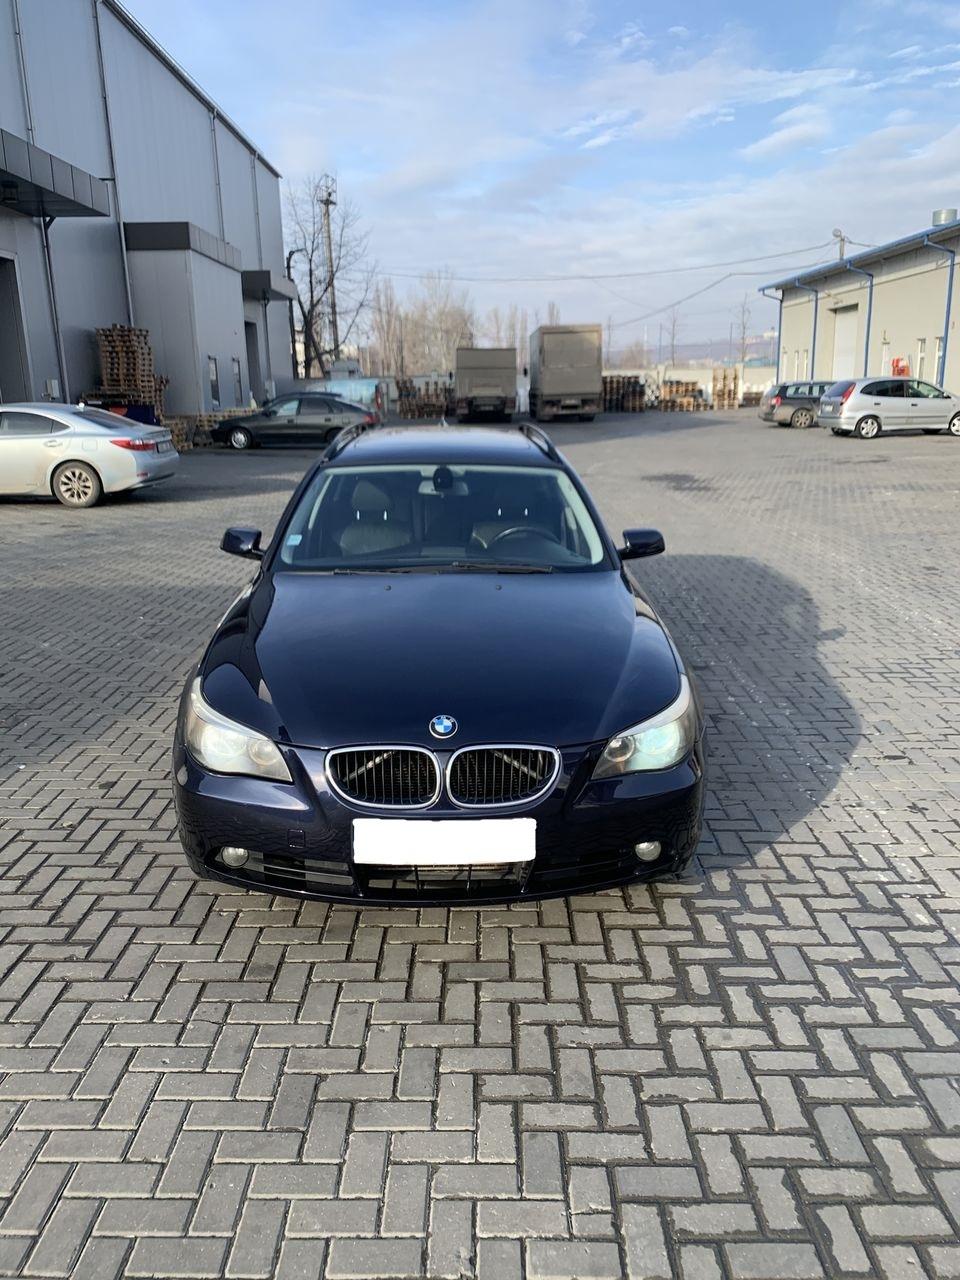 BMW 5 series (универсал), 2005 г.в. — отличная, надежная машина